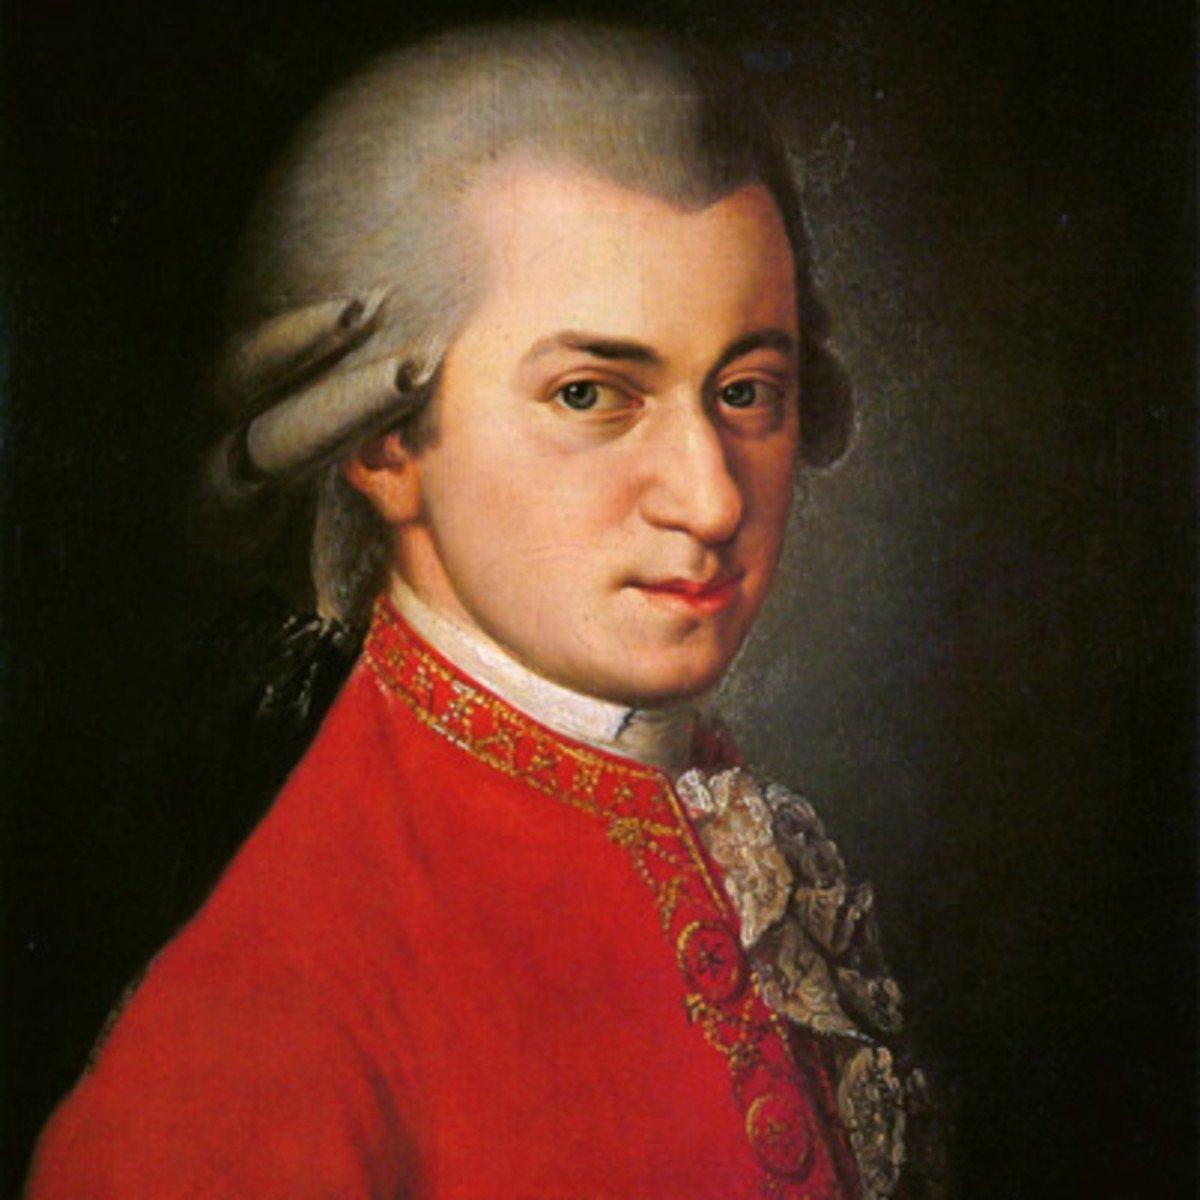 копролалия моцарт матершинник шутки про задницу отвратительные мужики disgusting men